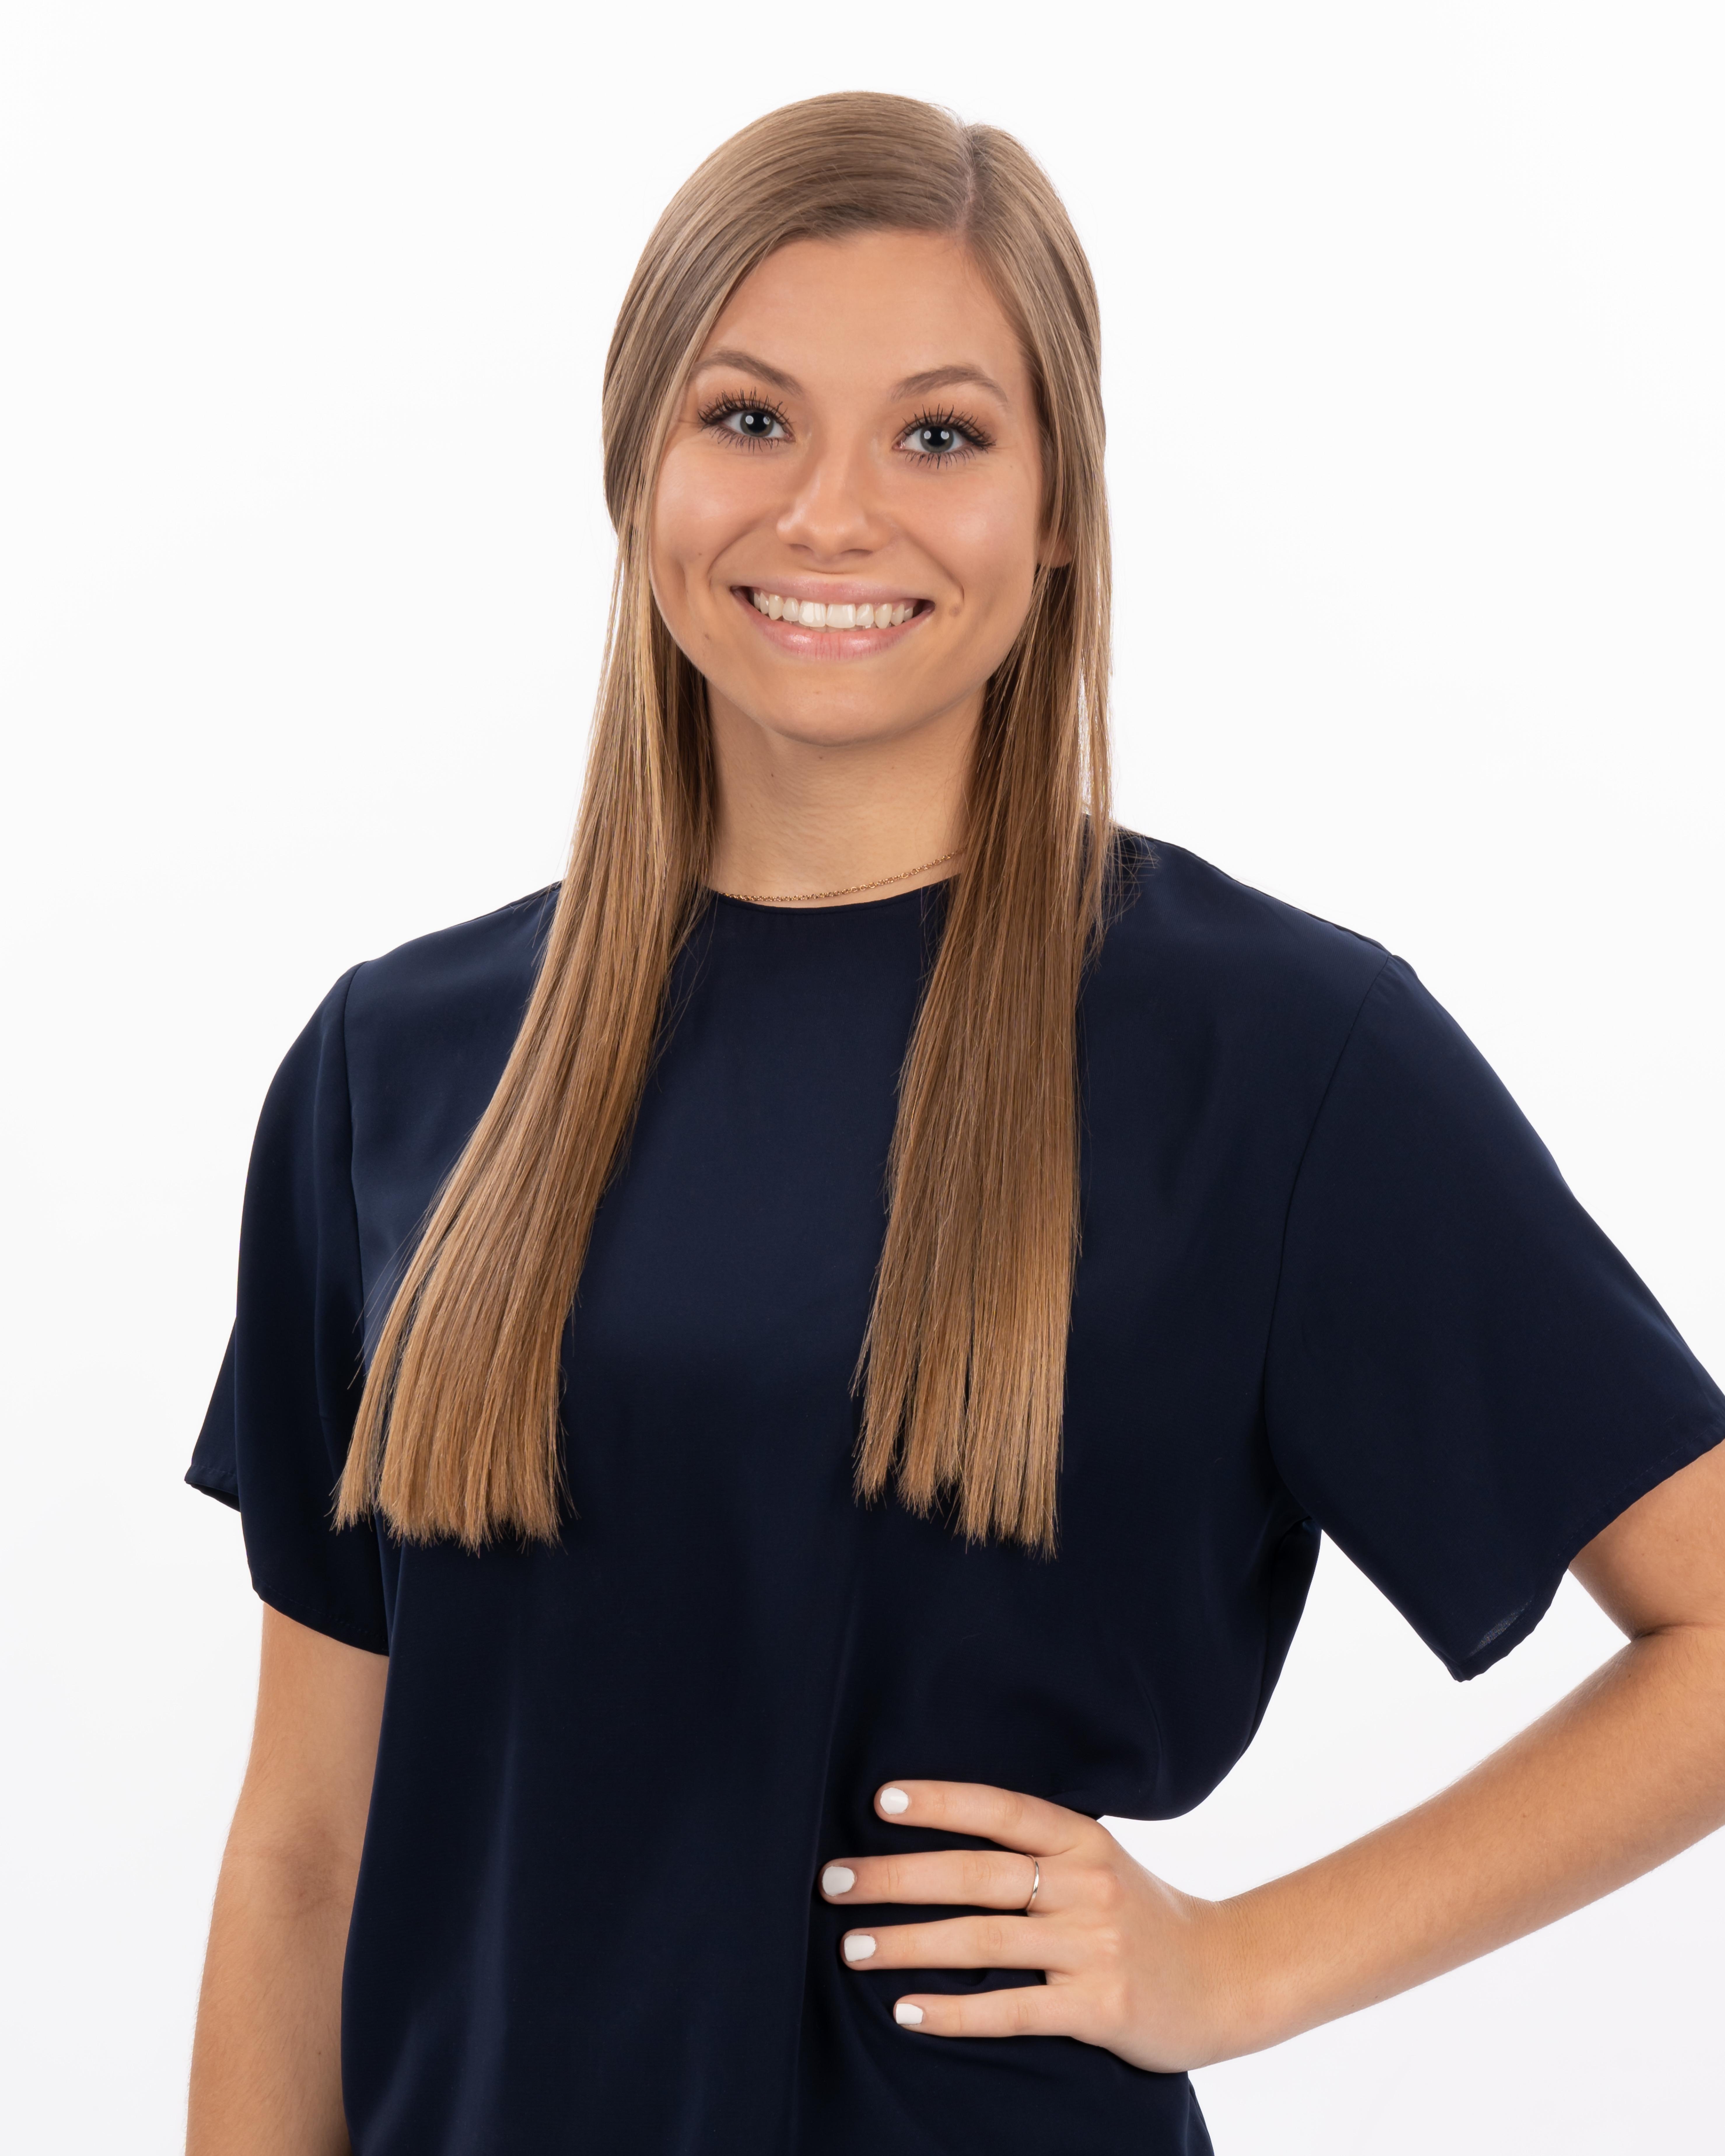 Ms. Paige Zulkoski